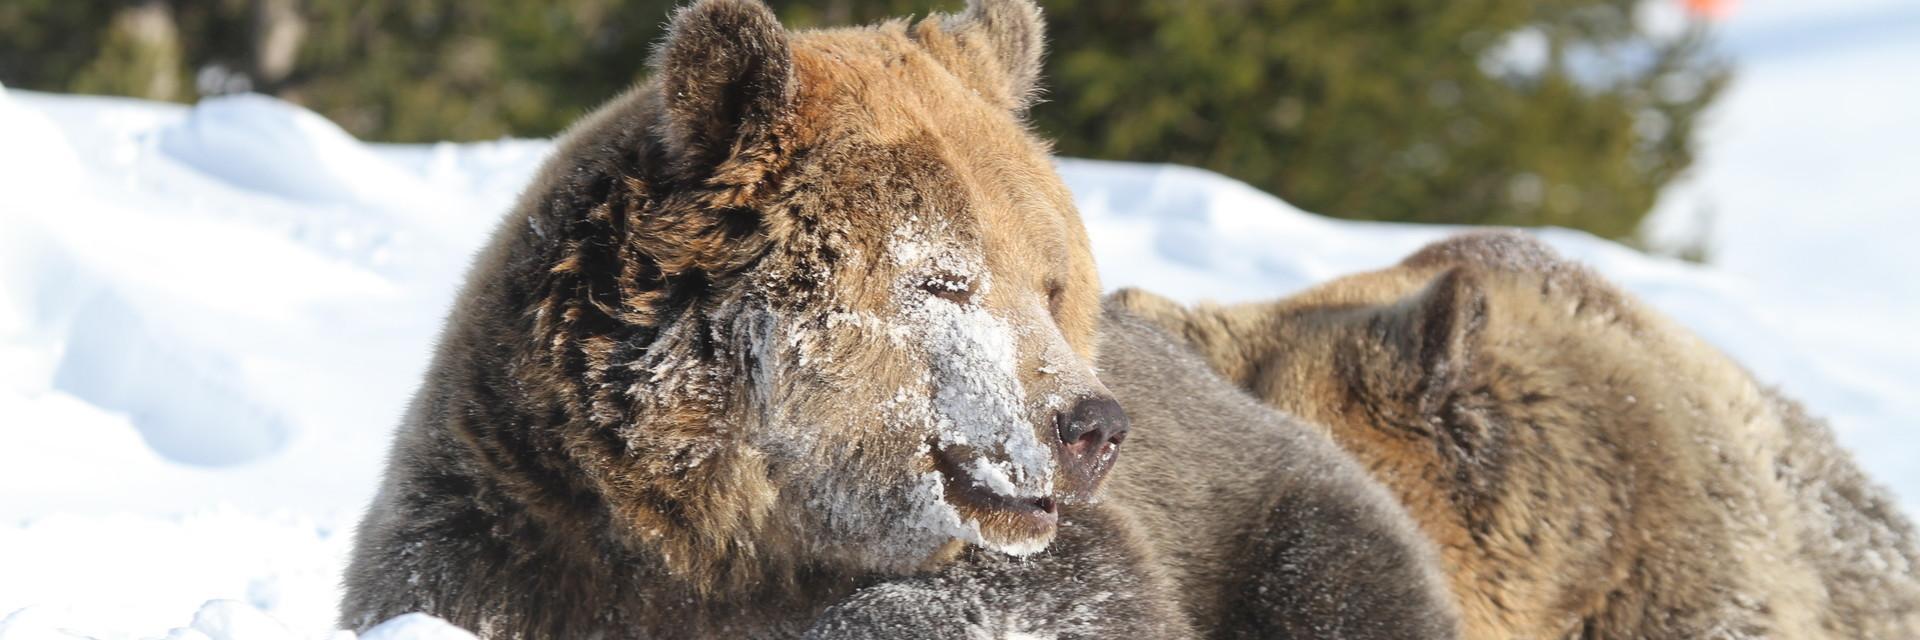 Arosa Bären im Schnee